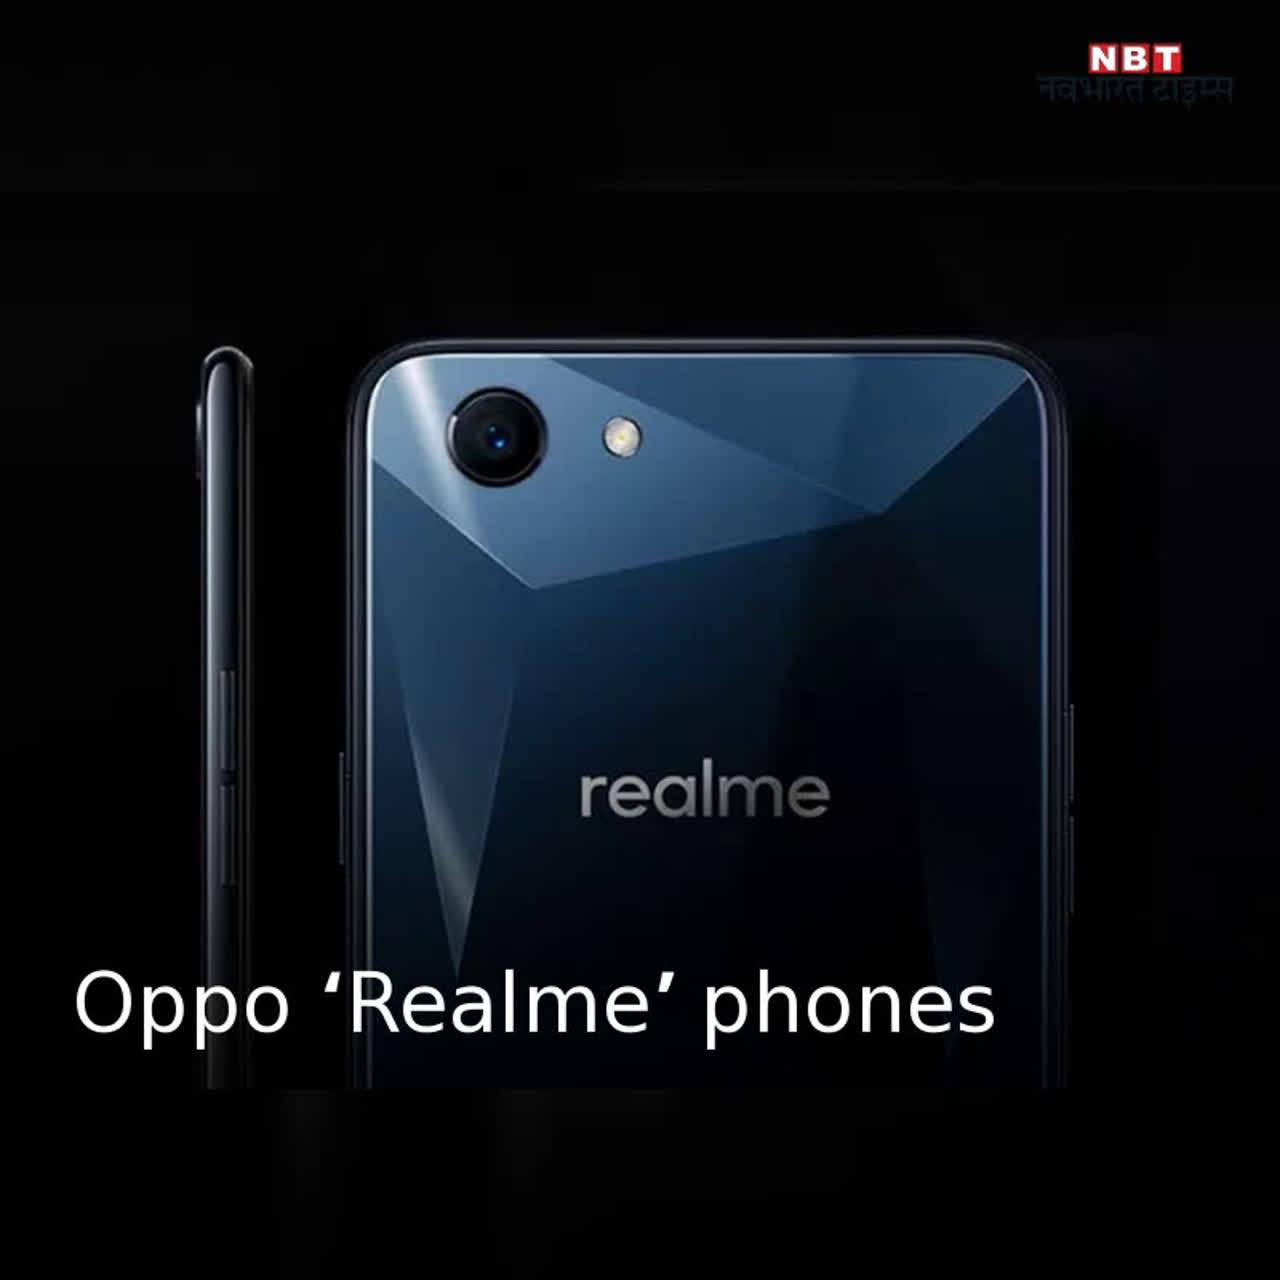 देखें, इंडिया में जल्द लॉन्च हो सकते हैं ये स्मार्टफोन्स